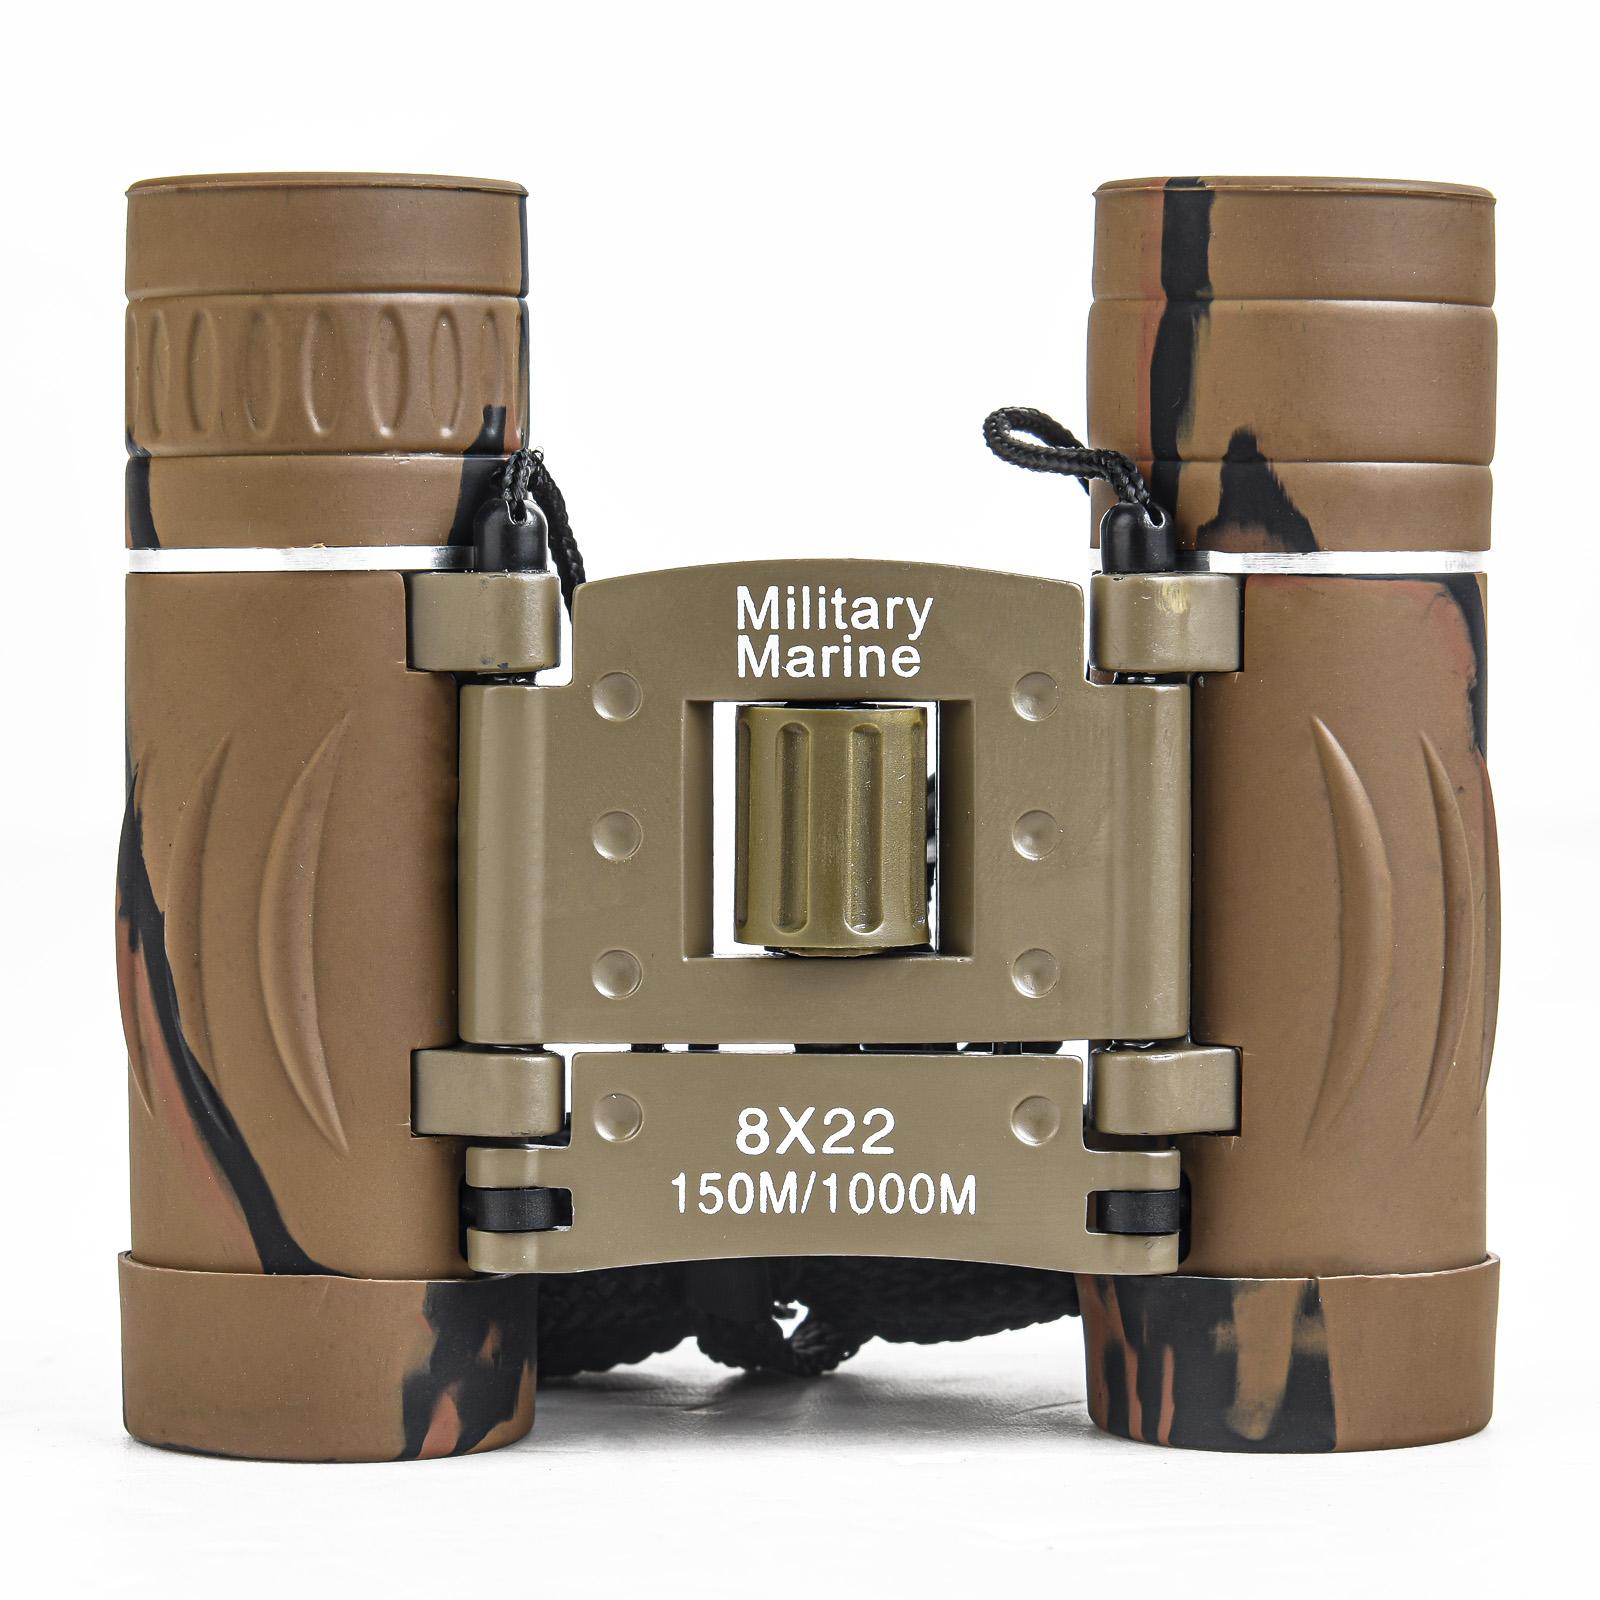 Компактный бинокль Military Marine 8x22 Camo